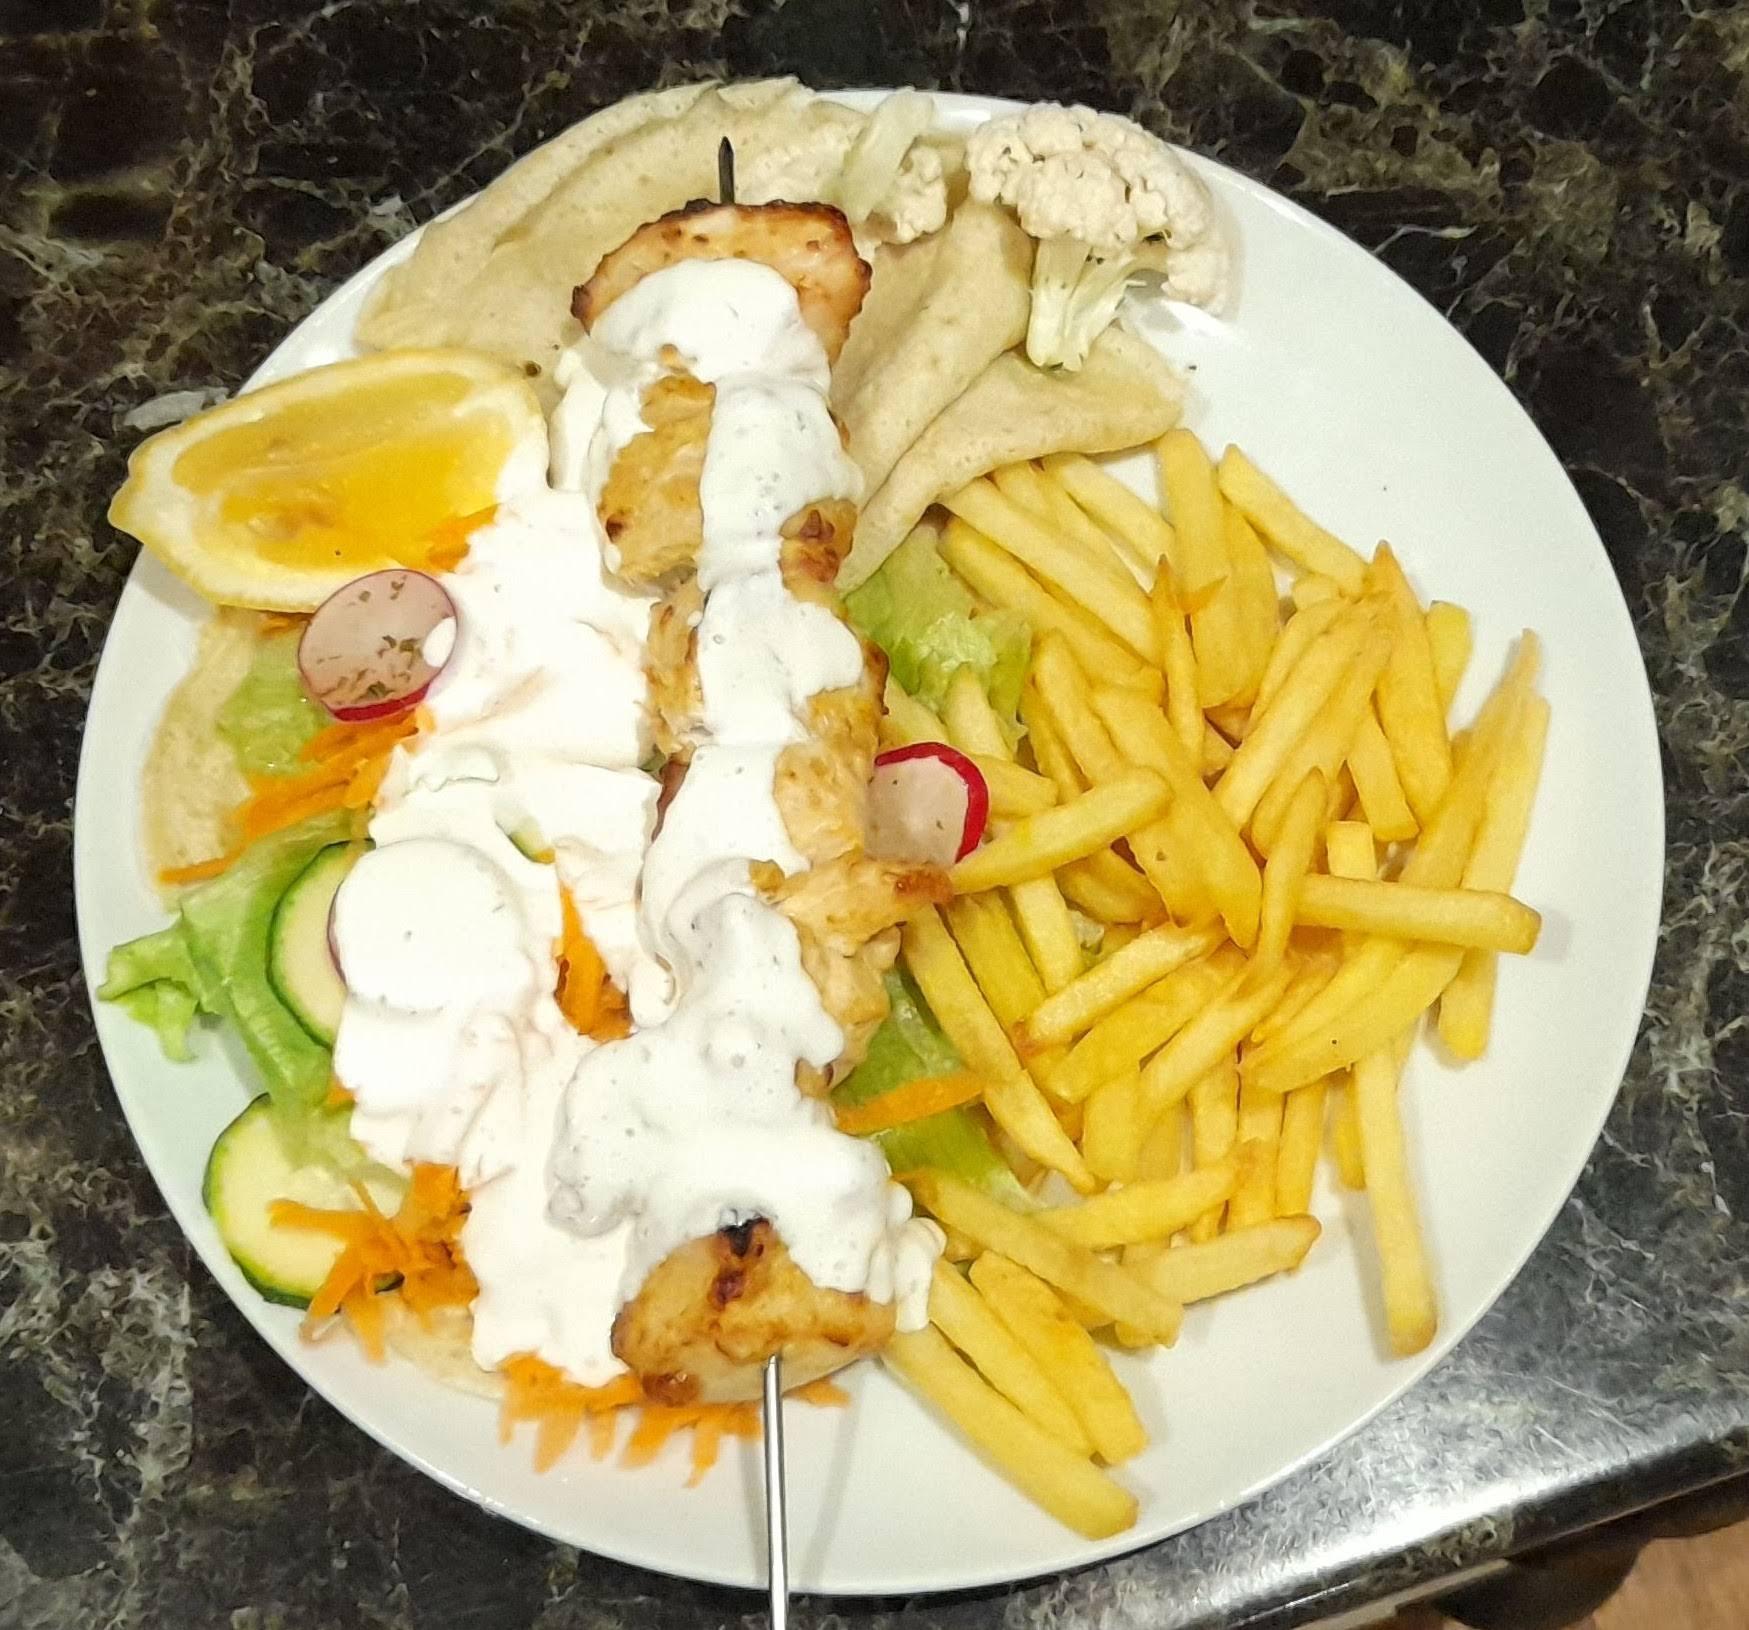 shish kebab with garlic mayo